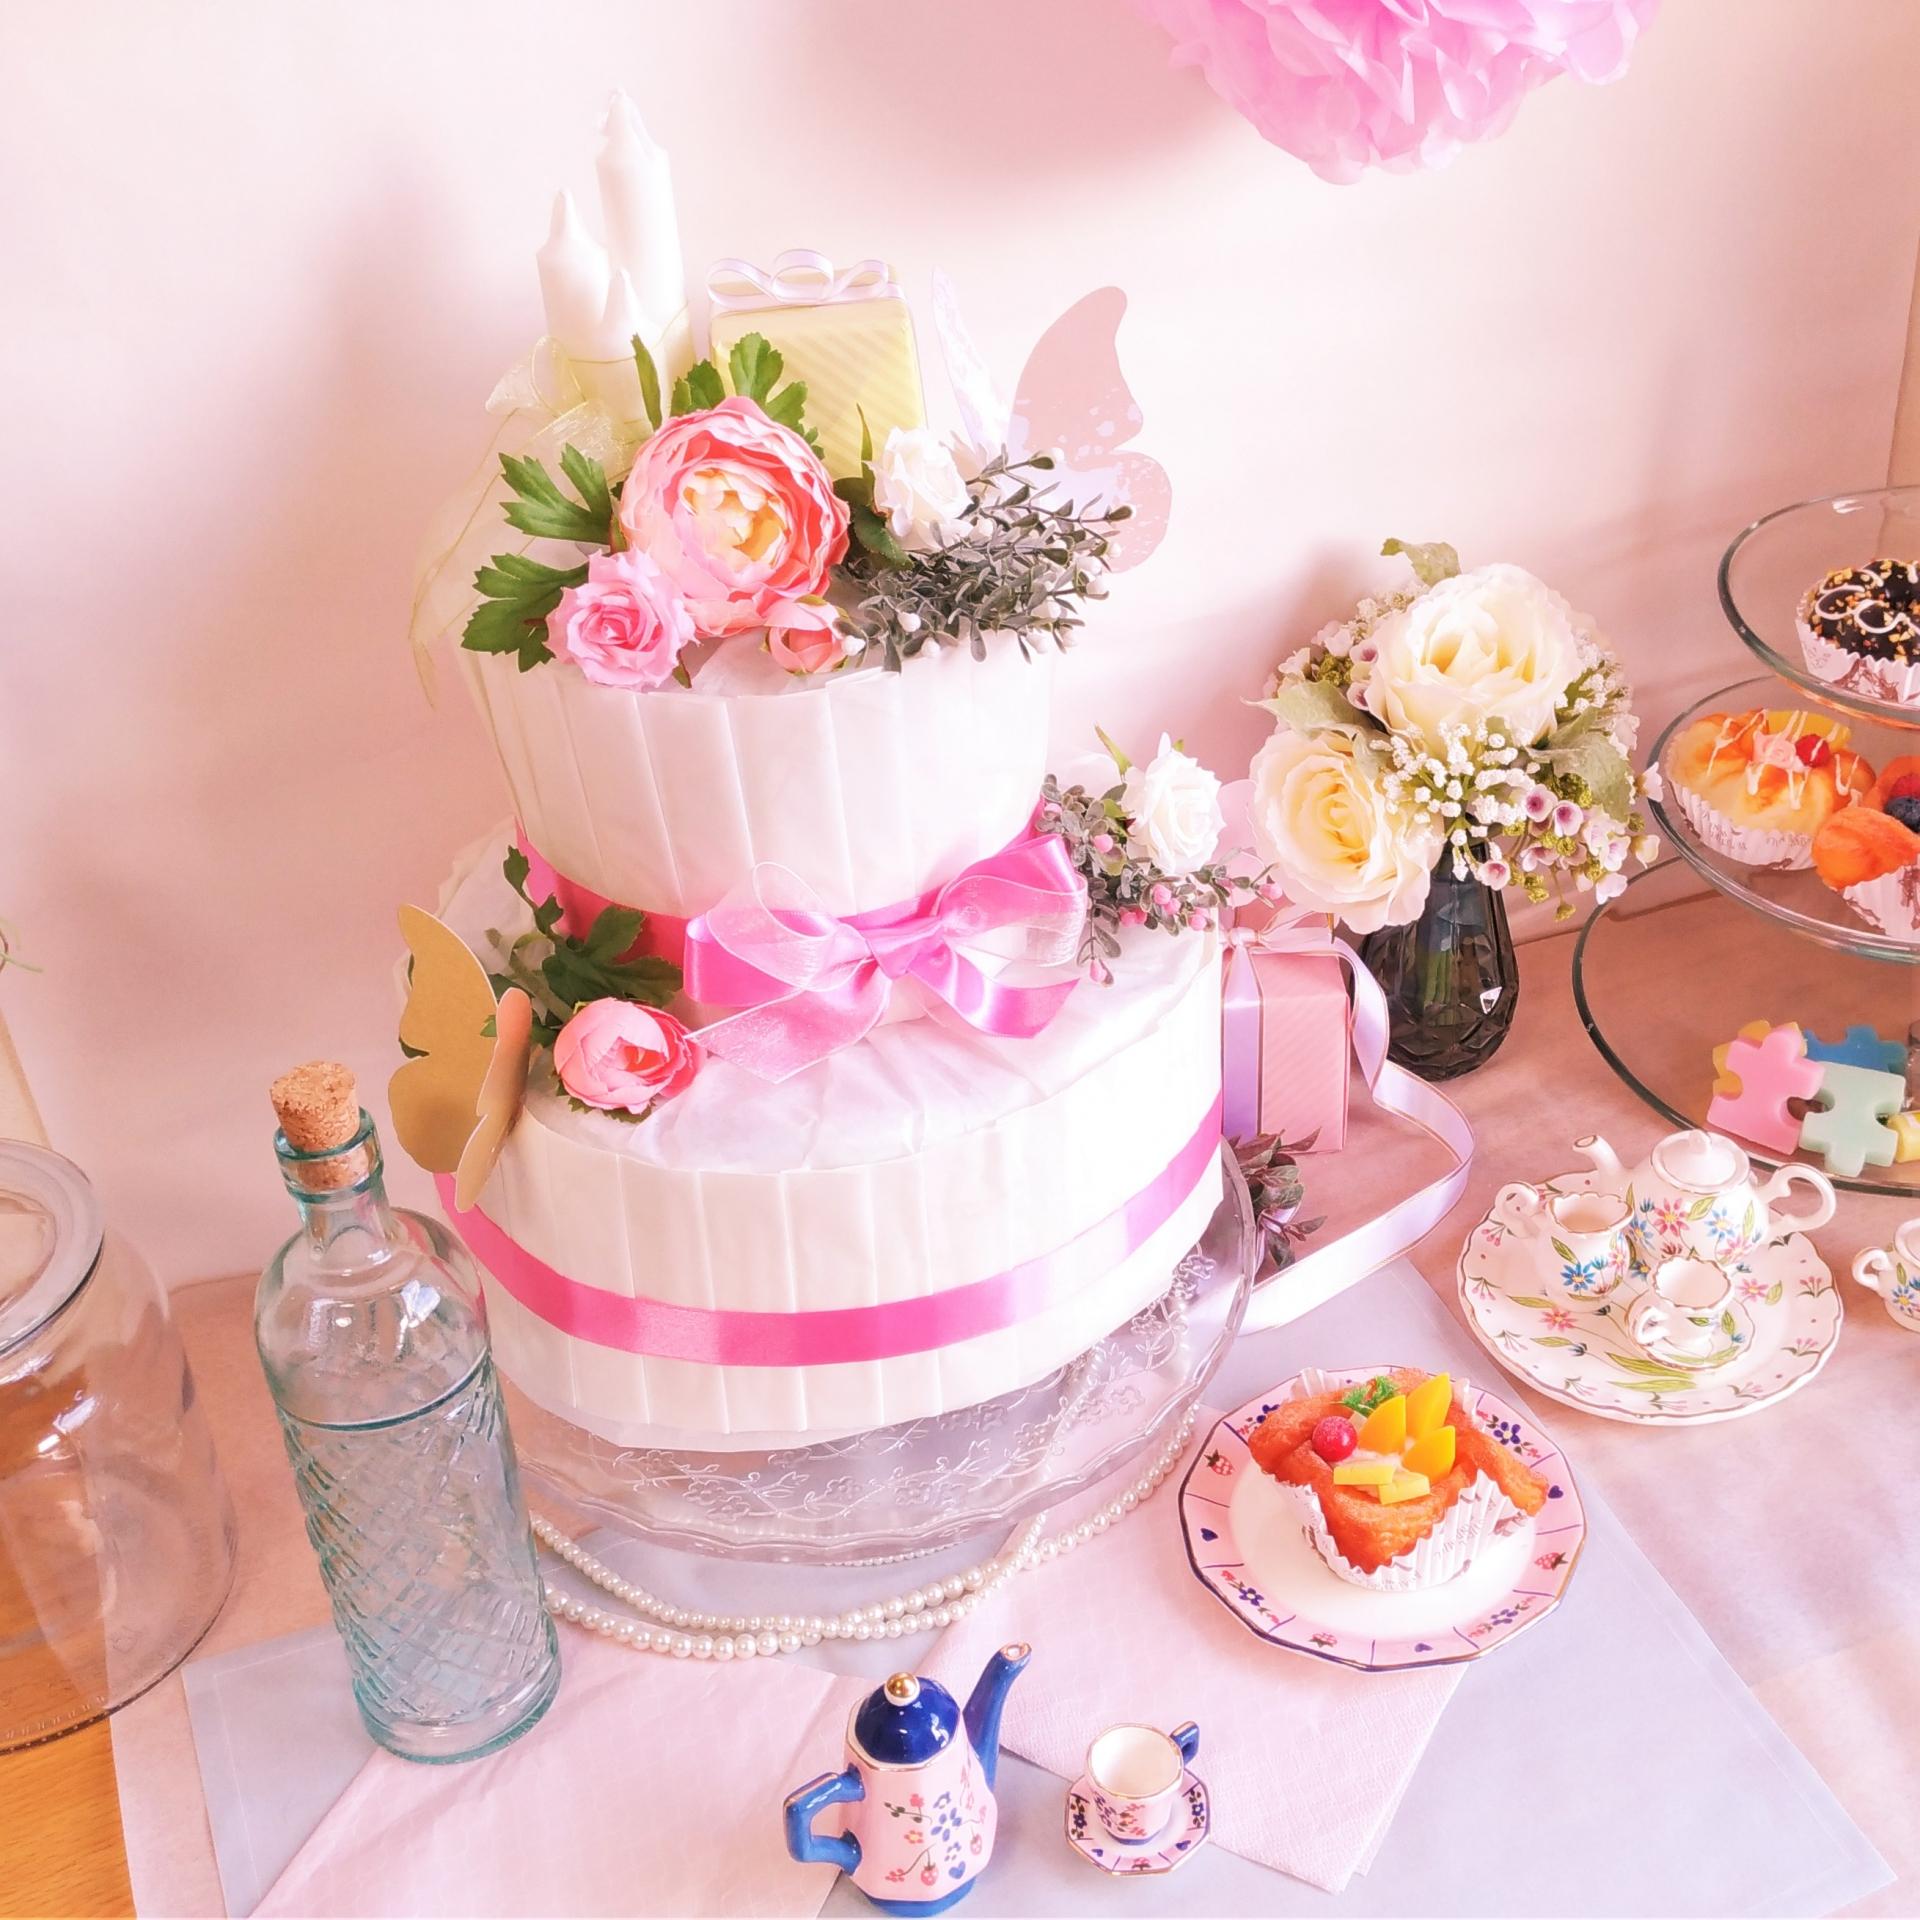 おむつケーキのおすすめ7選!人気のディズニーでおしゃれな出産祝い